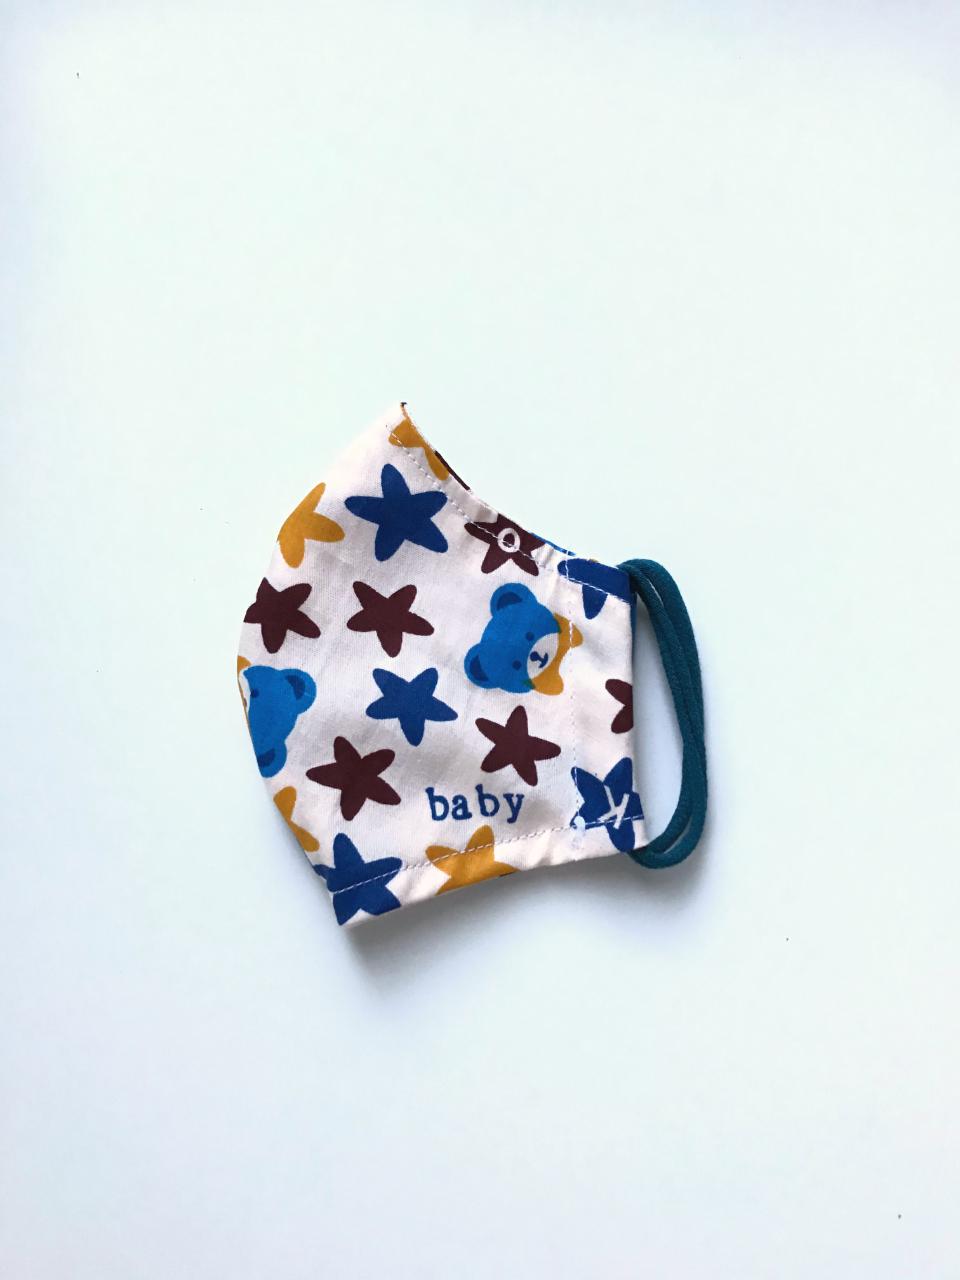 Kind-02 | Selbstgenähte Maske für Kinder | 3,00 €/Stück